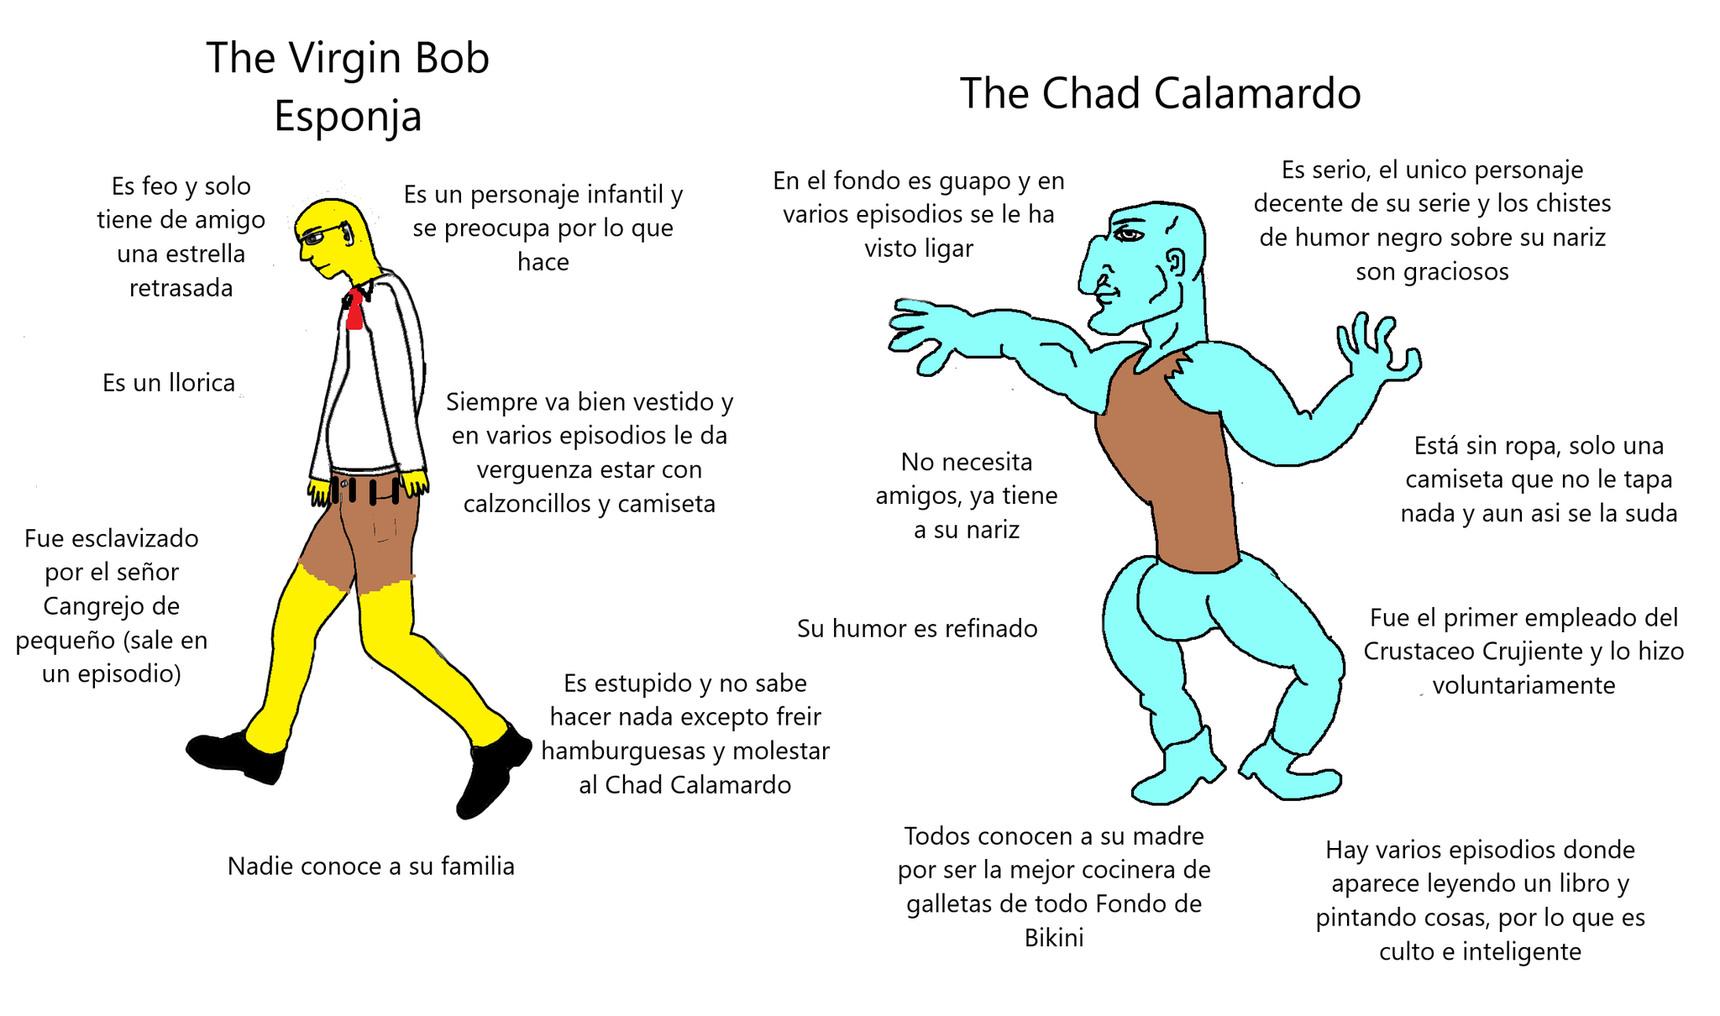 El Crustáceo Crujiente es el Crustaceo Cascarudo en otros países hispanohablantes diferentes a los de España - meme